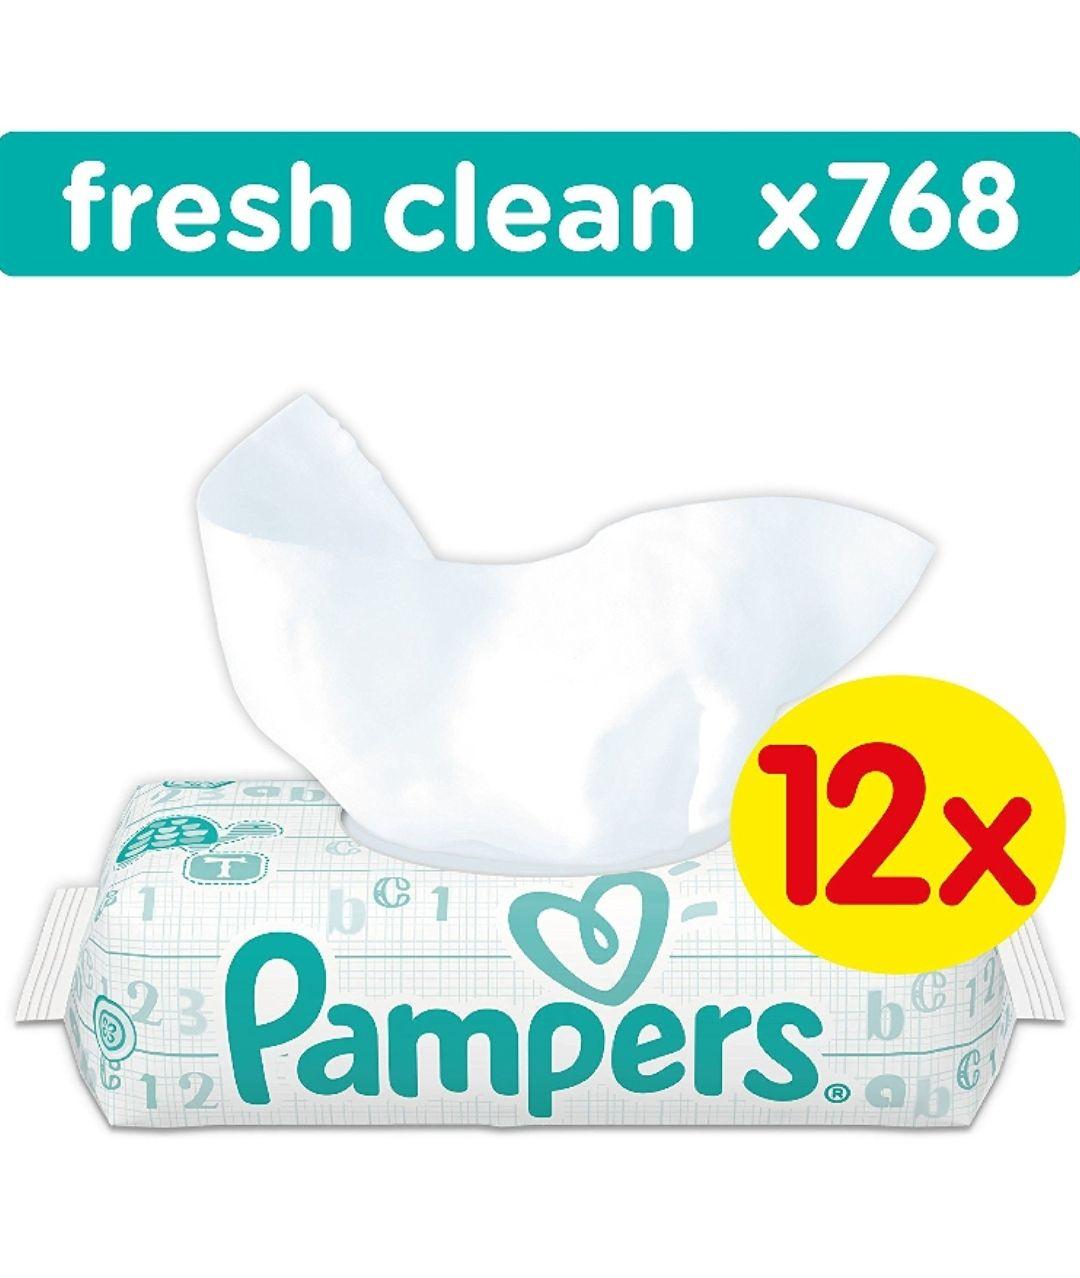 Amazon.de Pampers doekjes fresh and clean 12 pakken x 64 stuks= 768 doekjes